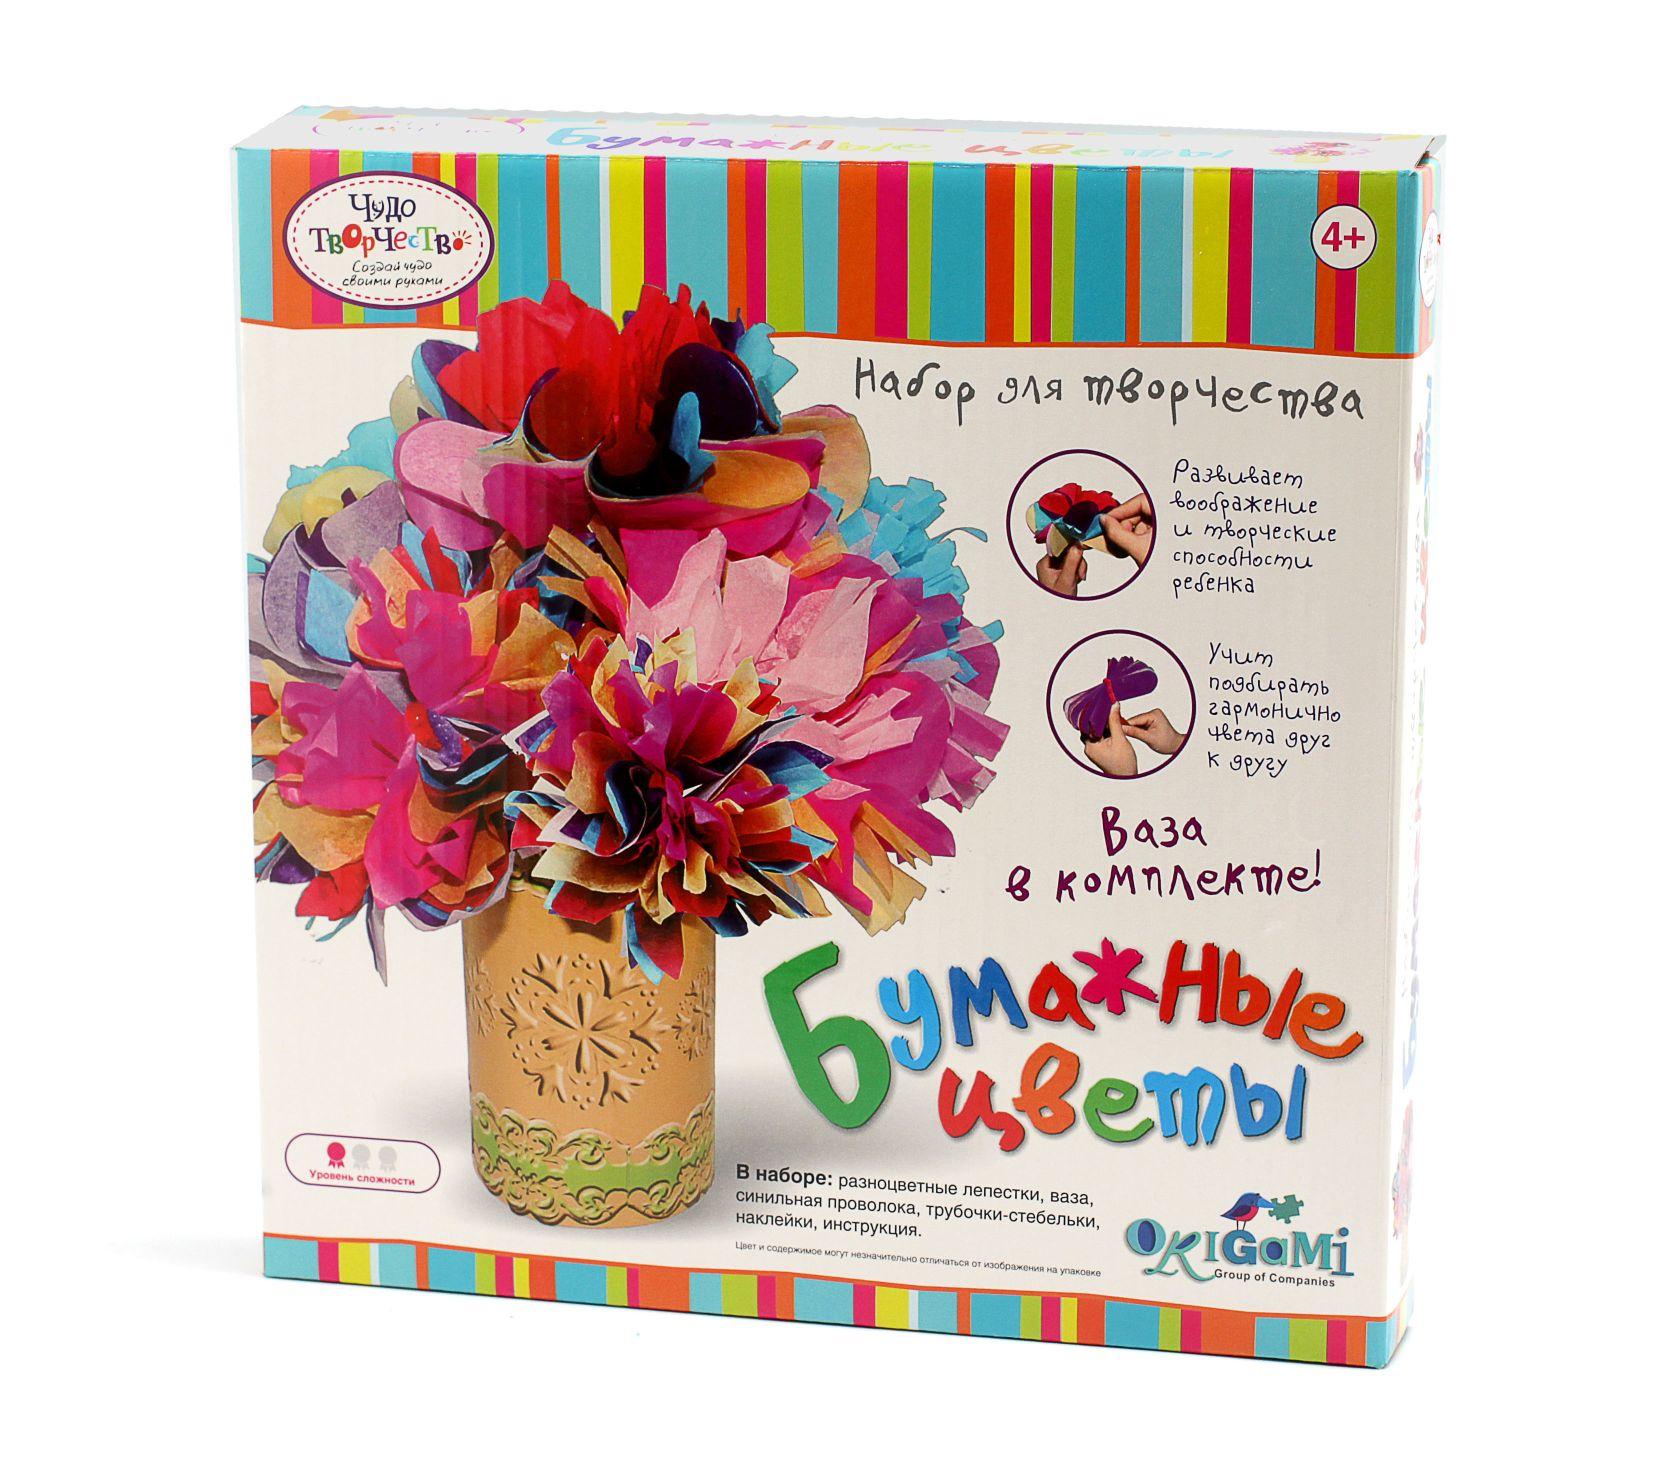 Бумажные цветы. Набор в коробке: разноцветные лепестки